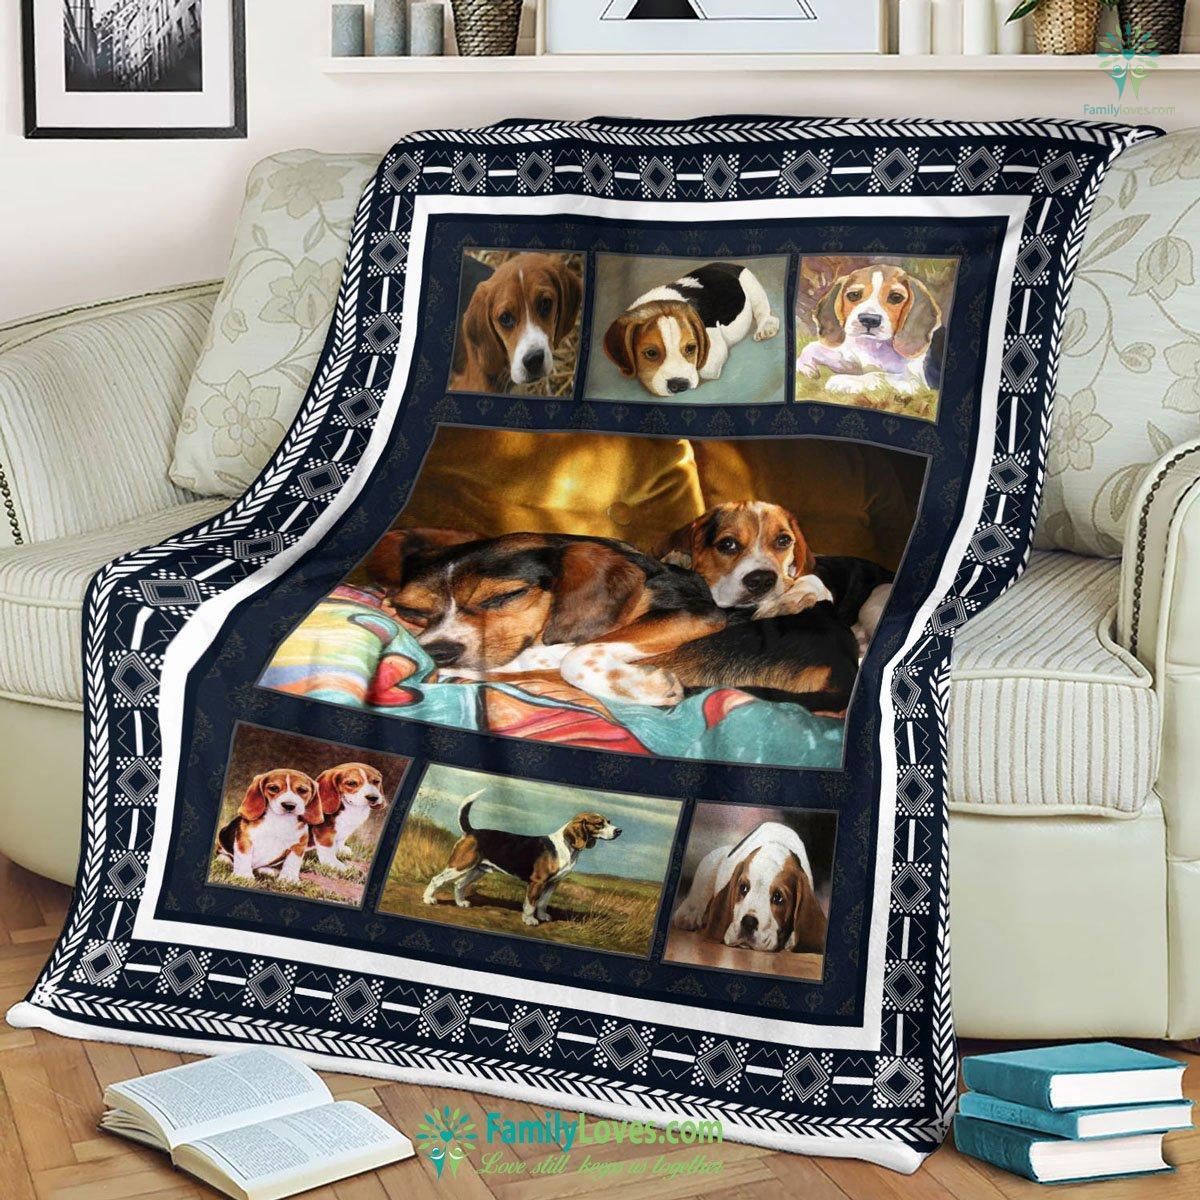 Beagle Blanket 18 Familyloves.com